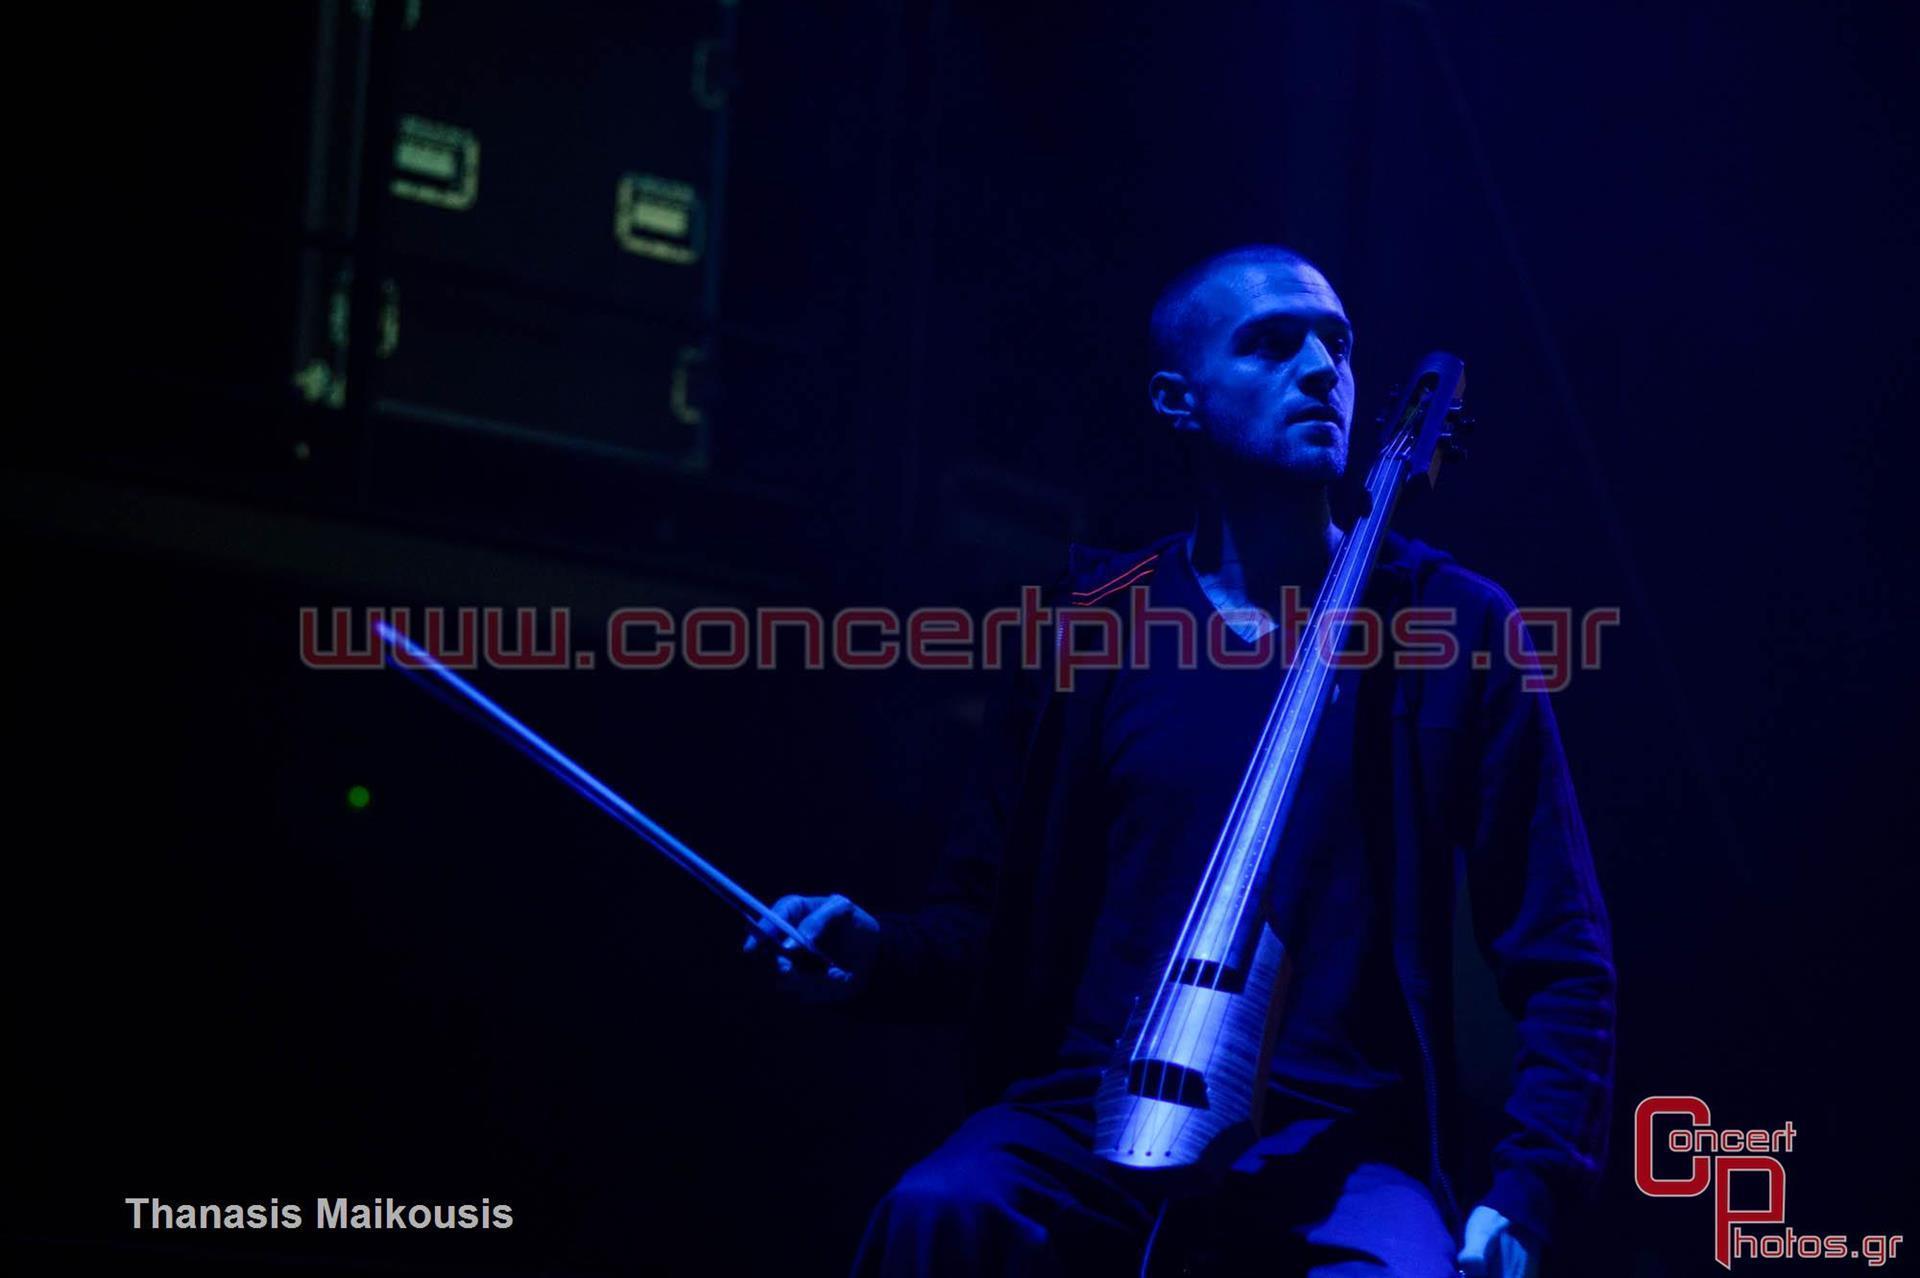 Wax Tailor - photographer: Thanasis Maikousis - ConcertPhotos-7712